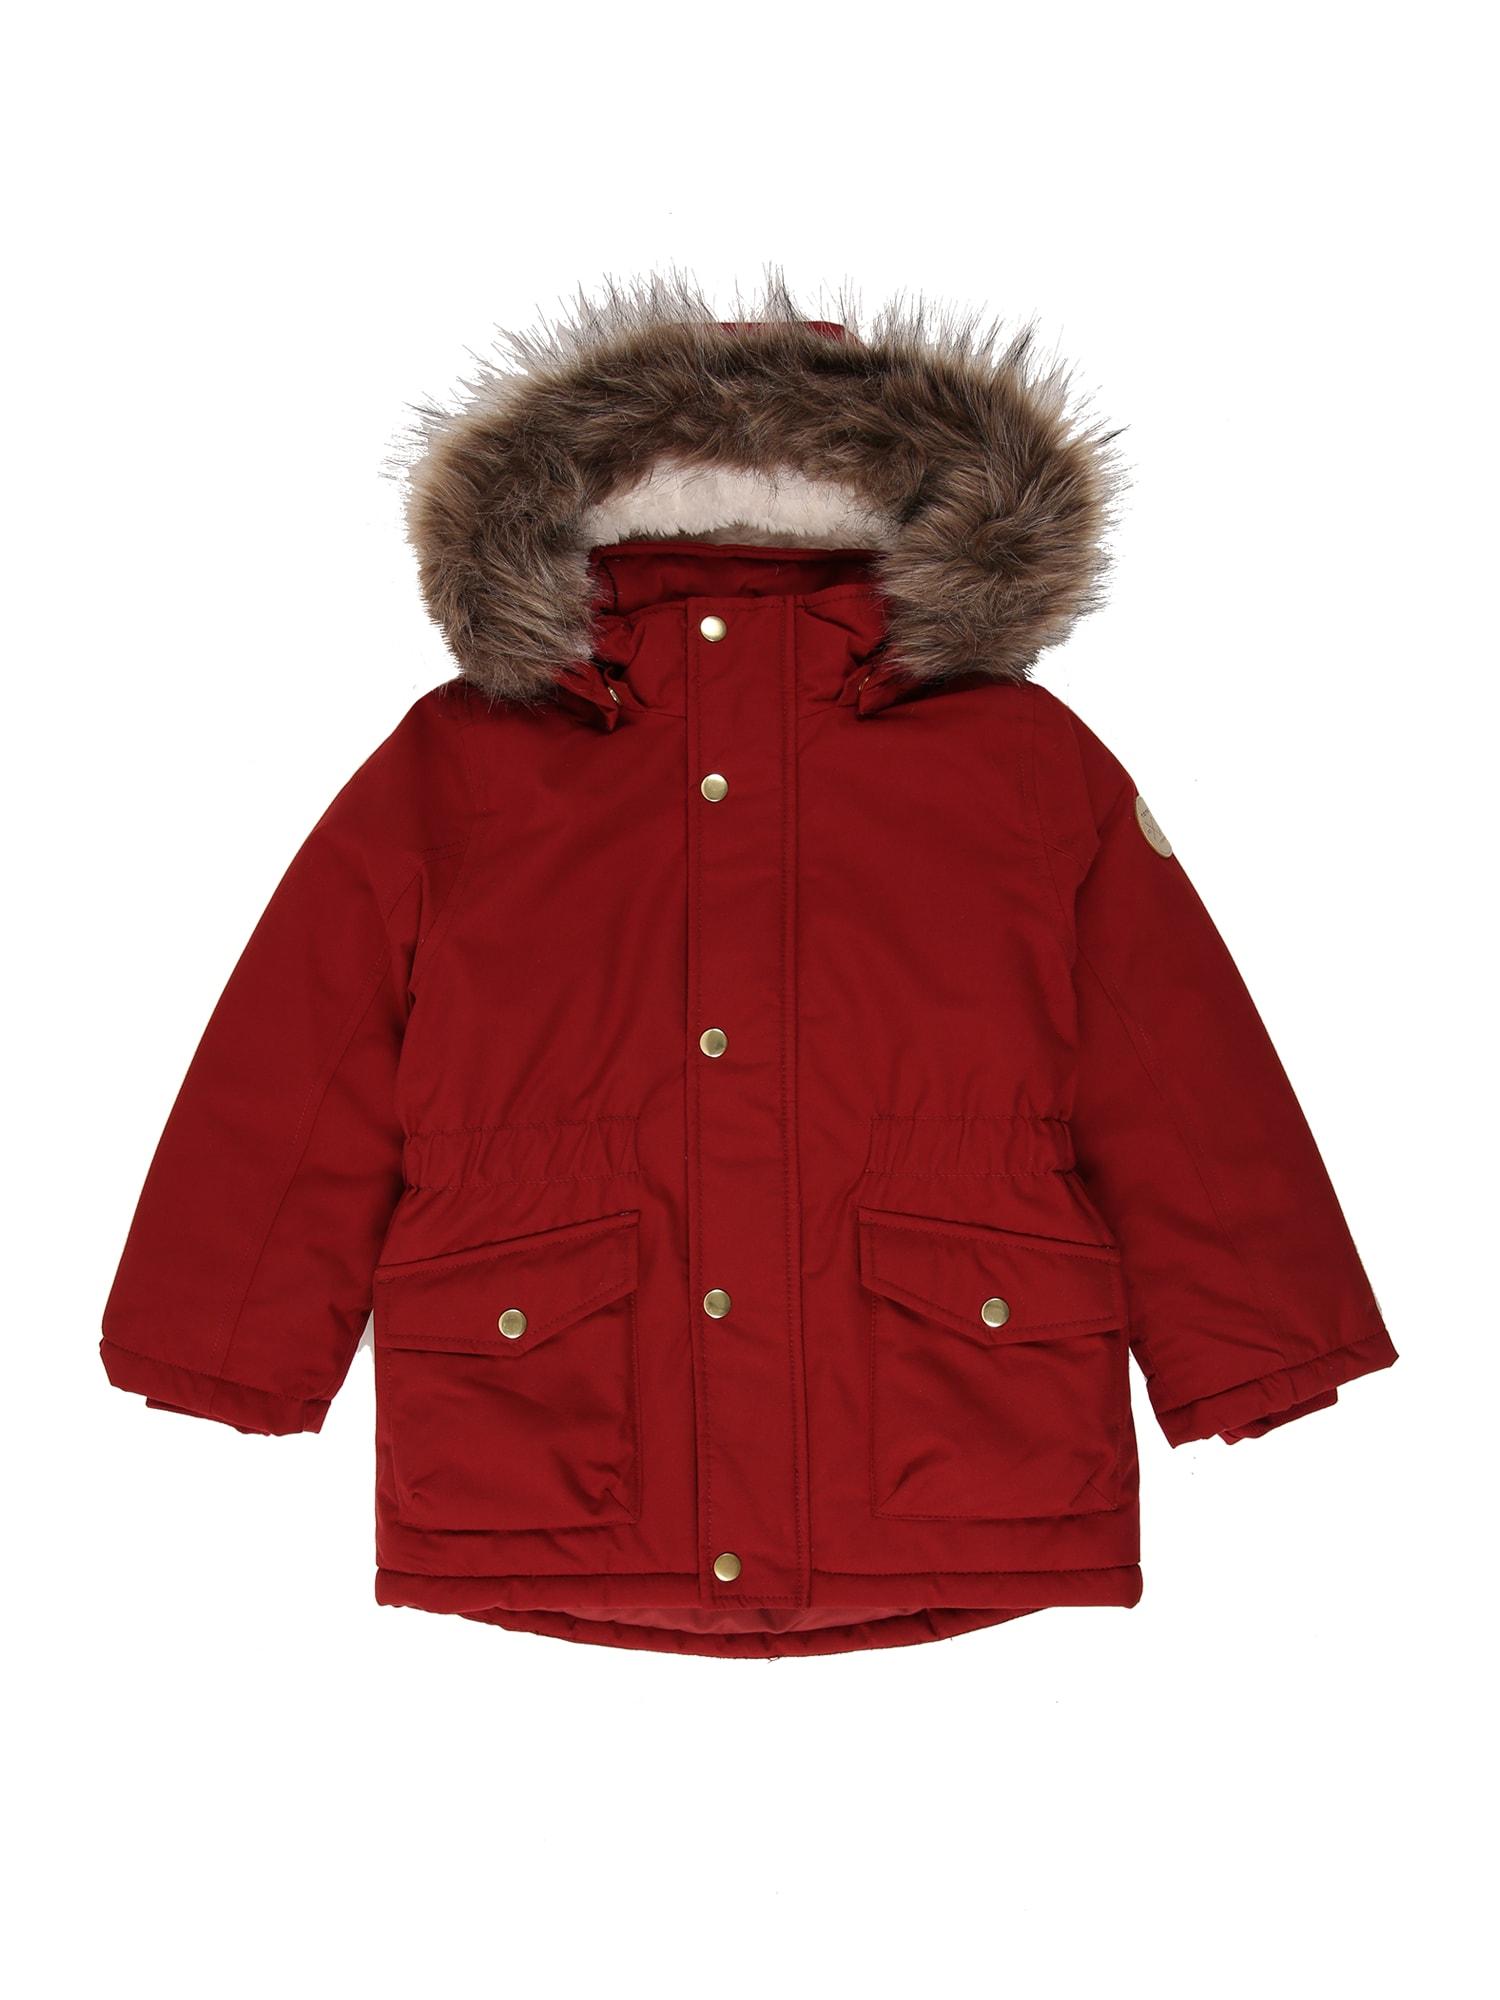 NAME IT Žieminė striukė karmino raudona